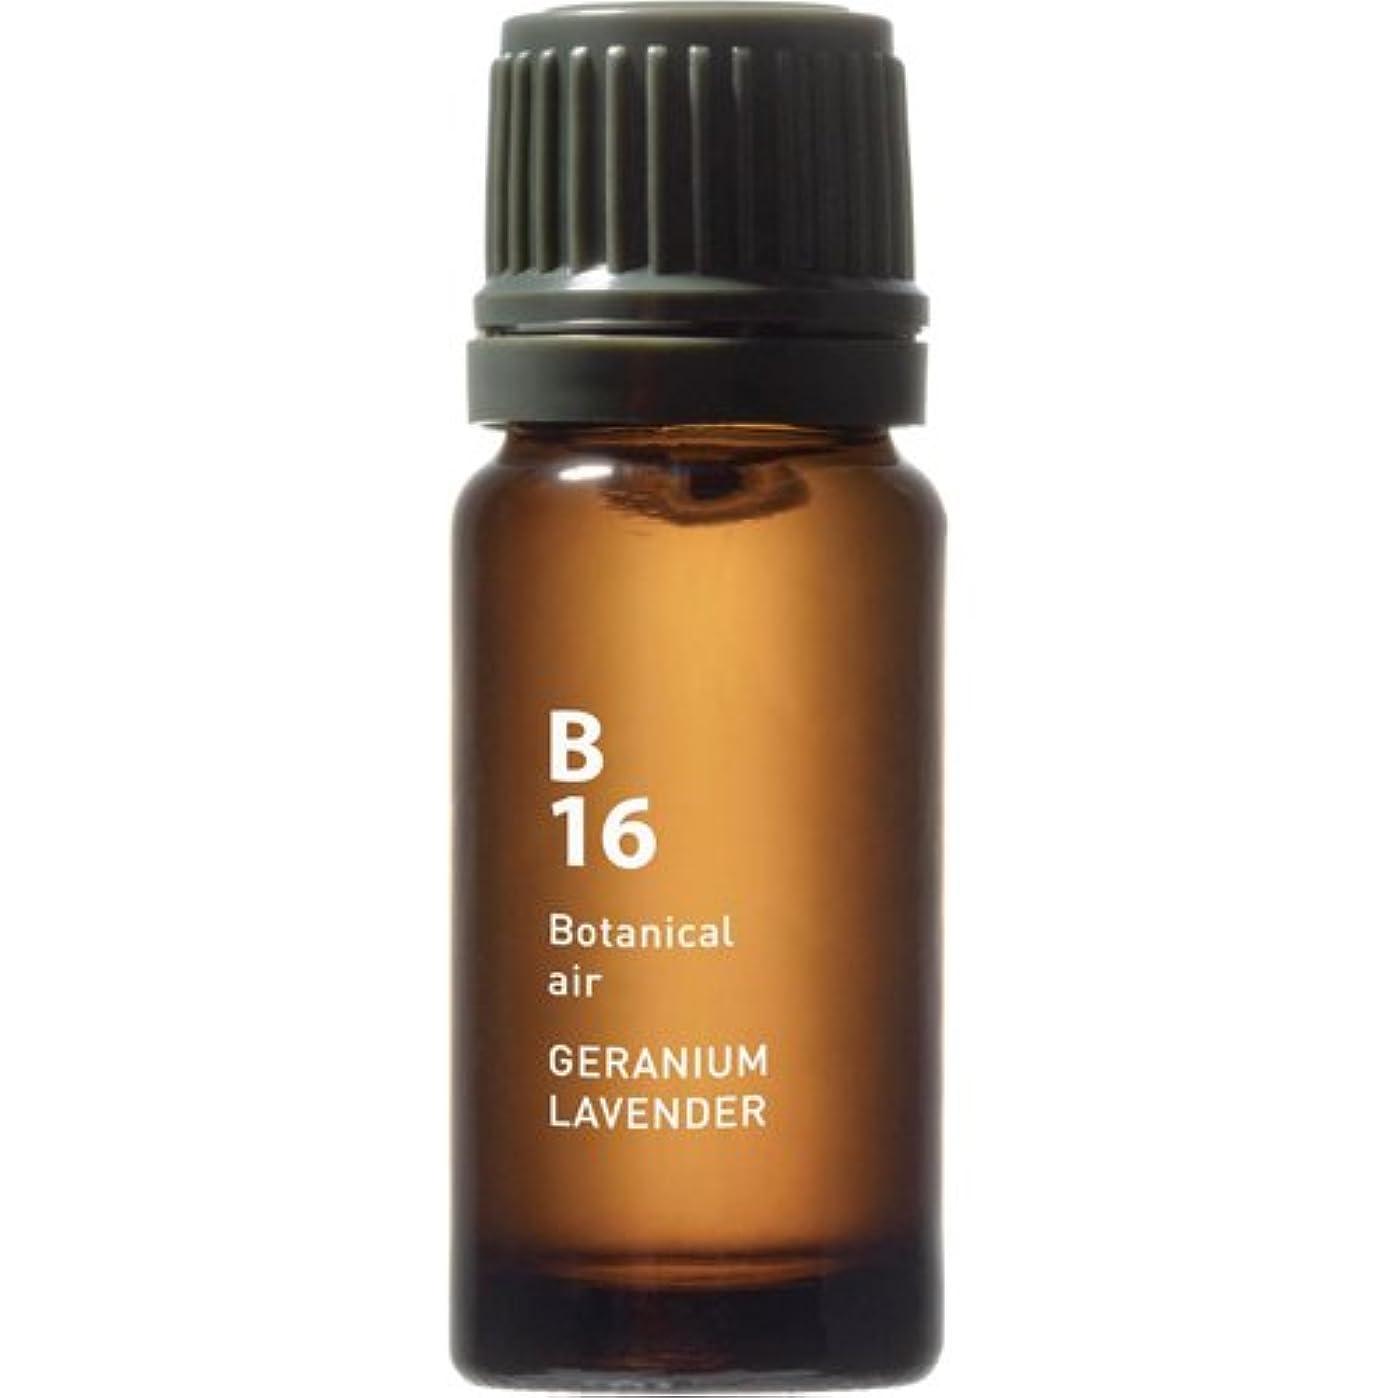 コショウ息苦しい摂氏B16 ゼラニウムラベンダー Botanical air(ボタニカルエアー) 10ml